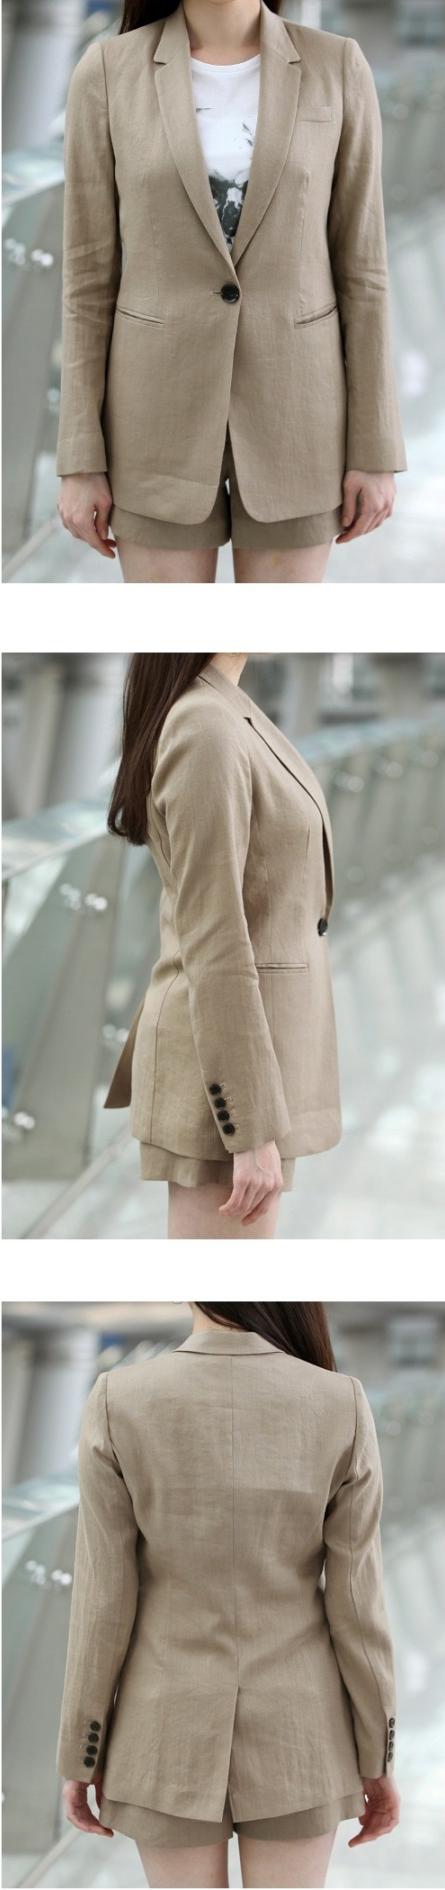 Đồng phục vest nữ 5 với thiết kế một khuy xẻ sau.